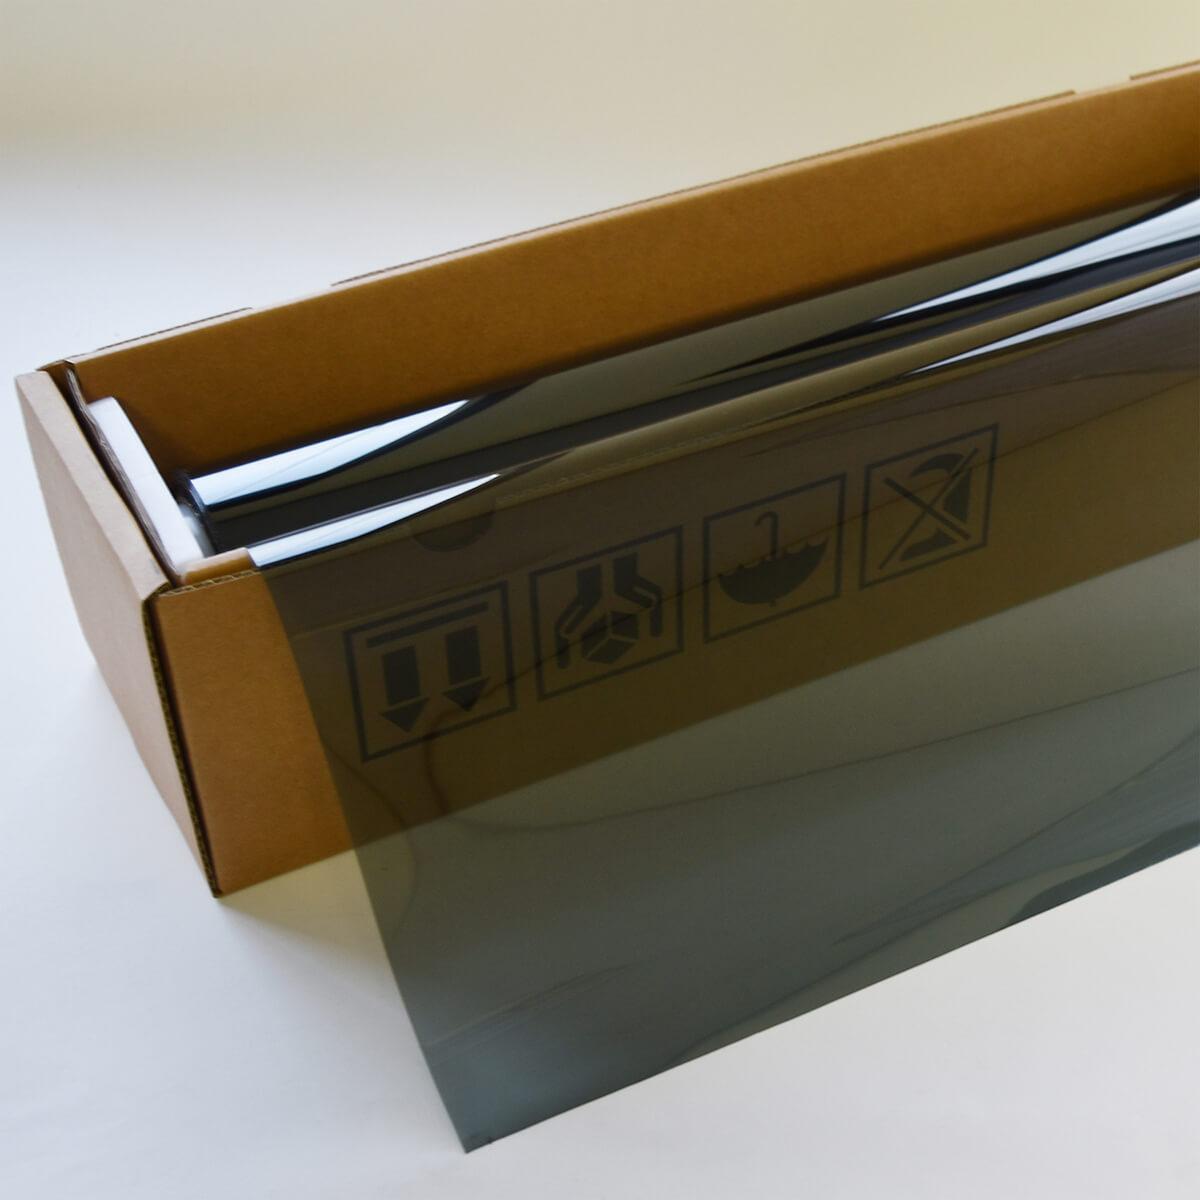 DIYスモーク35(35%) 1m幅×30mロール箱売 カーフィルム DIY向けスモーク #DIY-GBK3540 Roll#